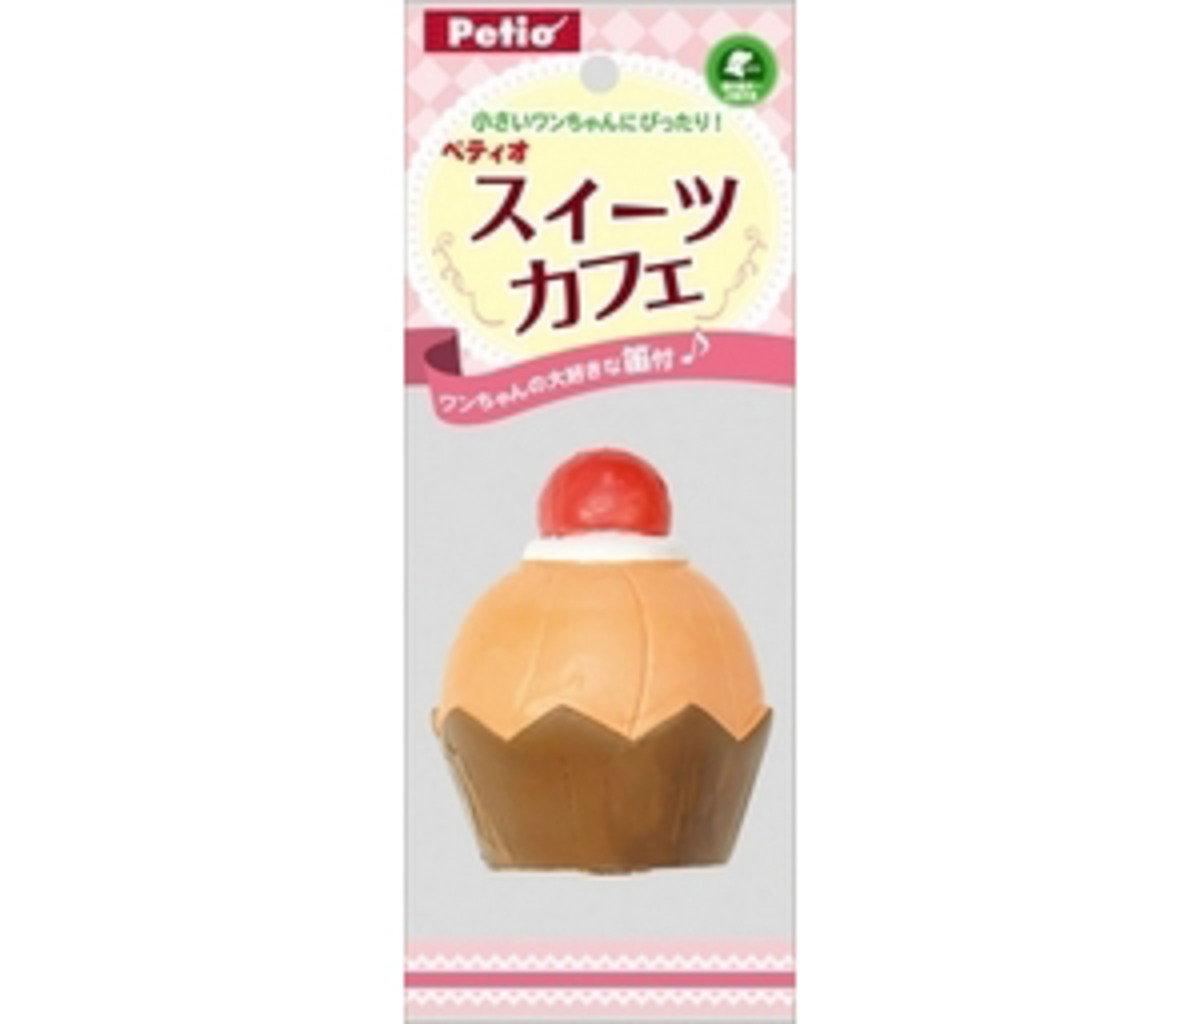 PO23429 日本 PETIO 發聲玩具 - 杯形糕